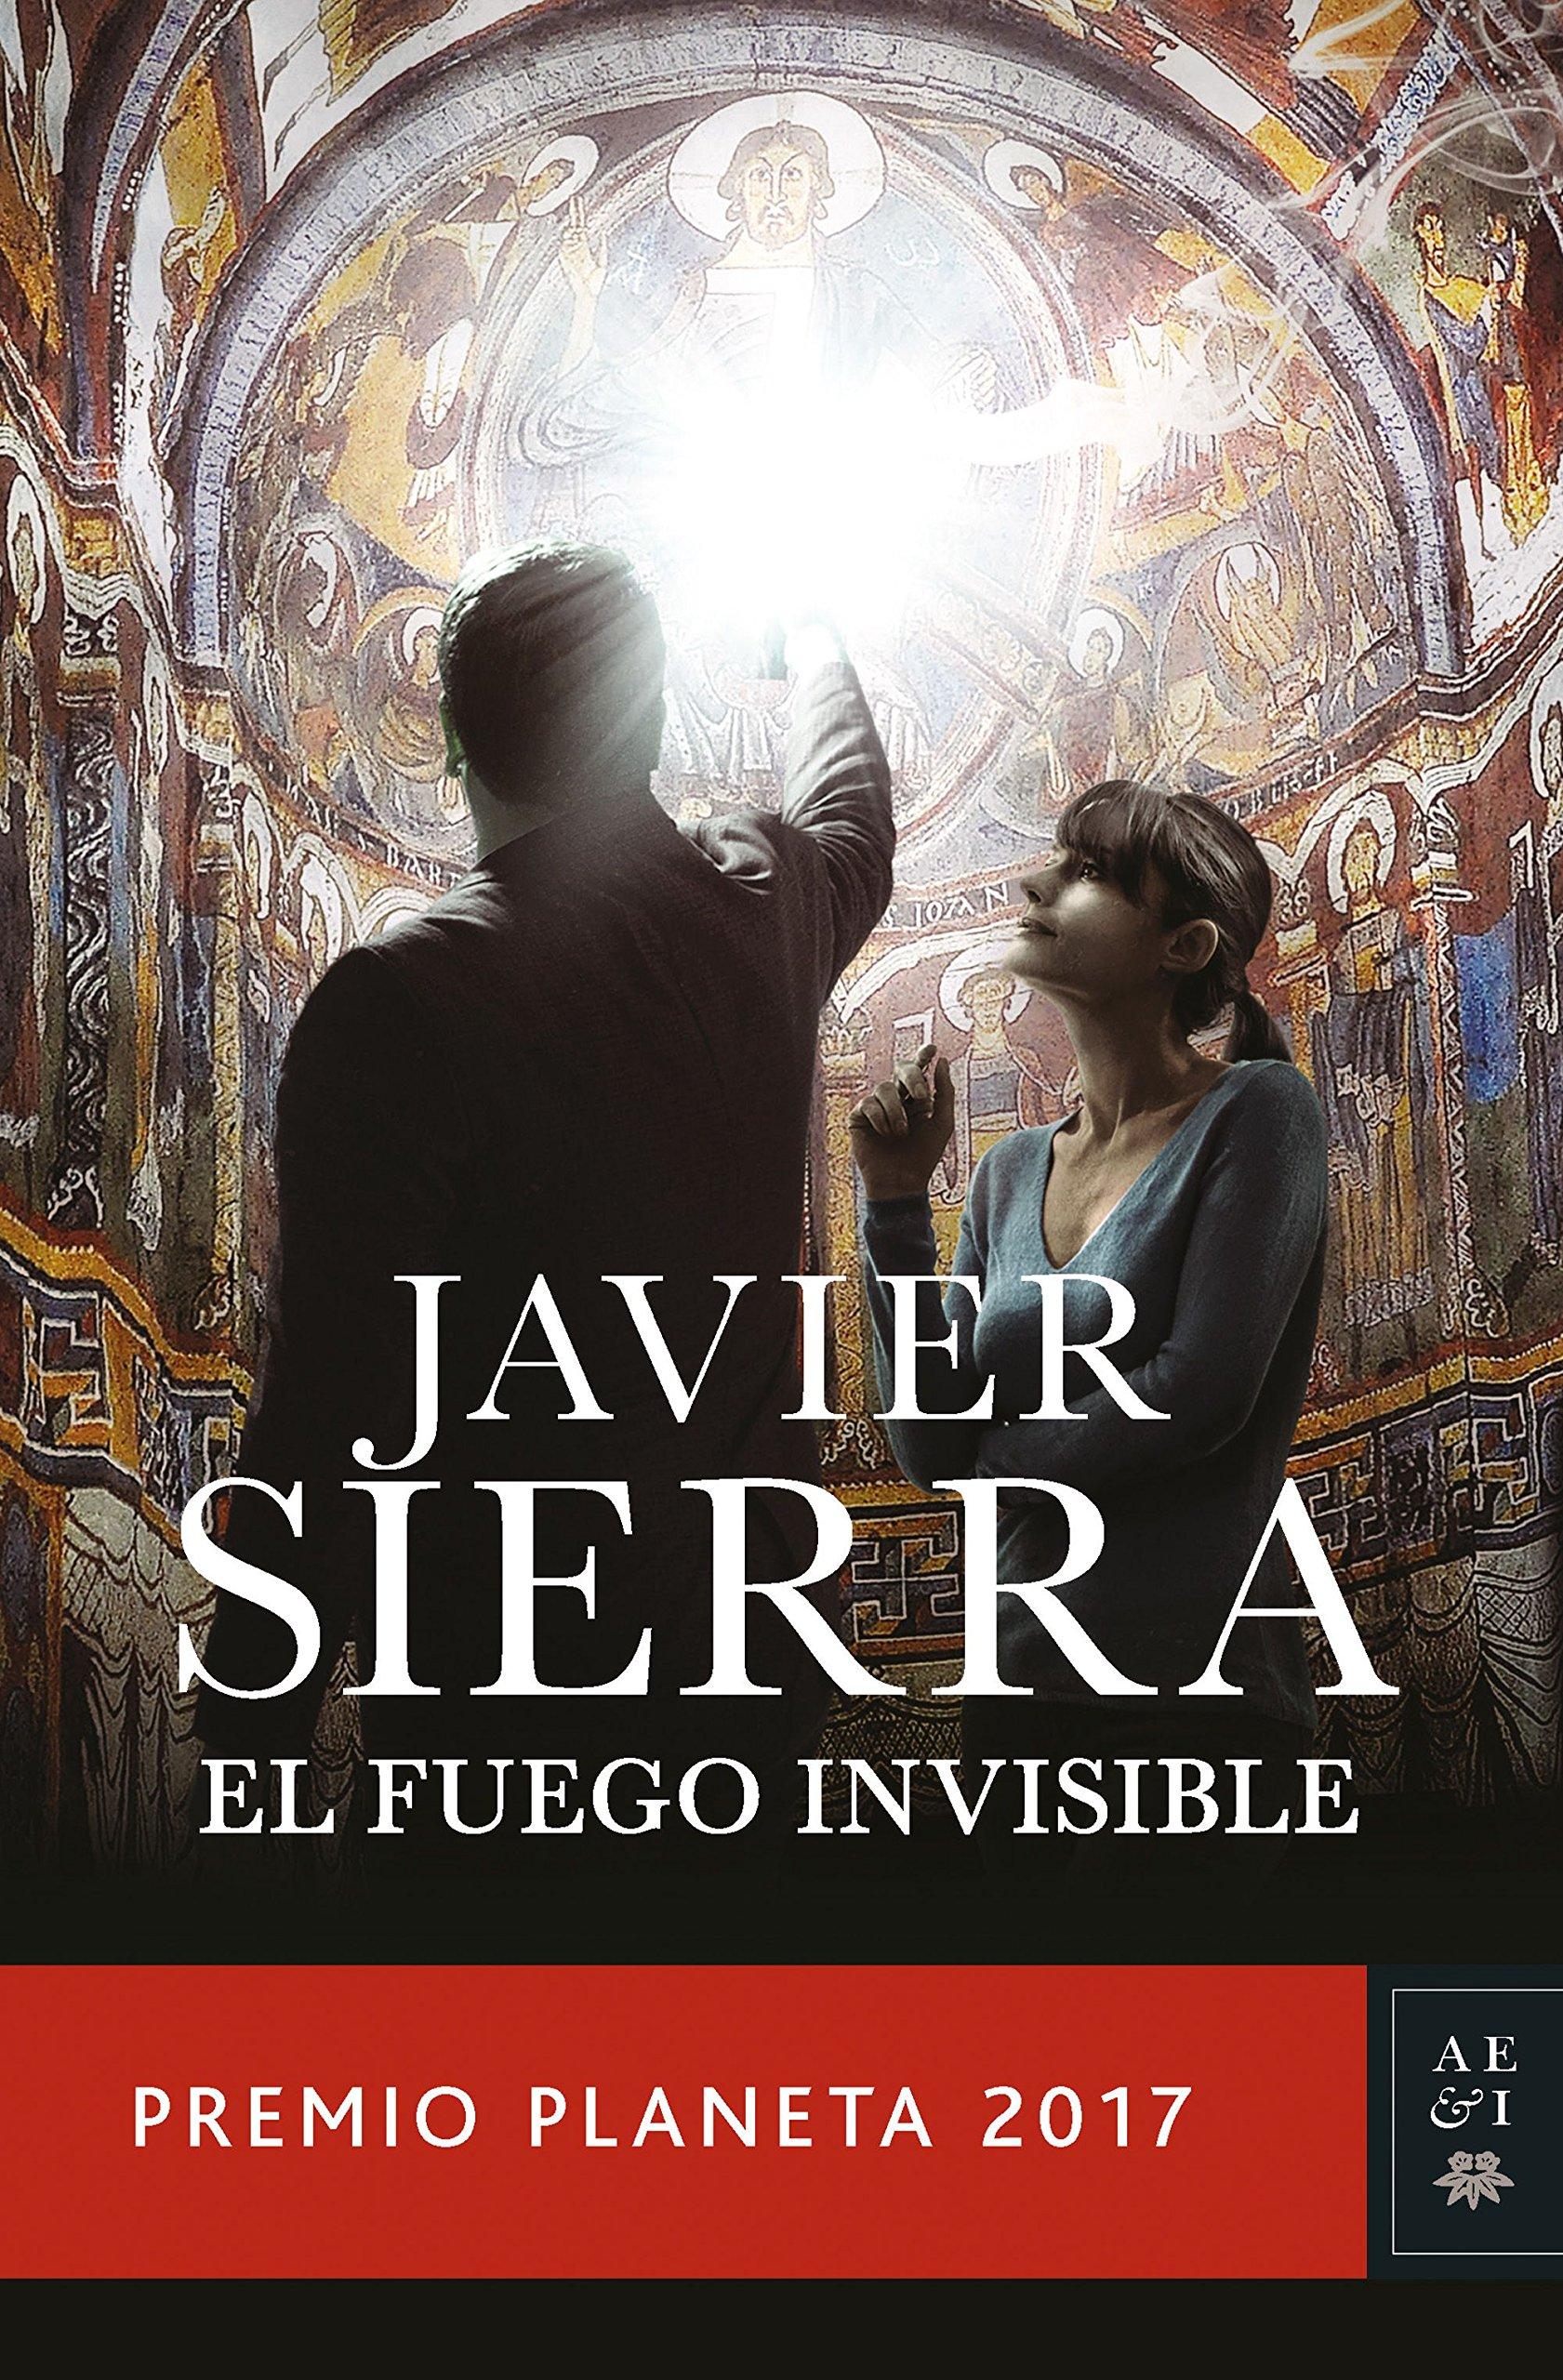 El fuego invisible de Javier Sierra, Premio Planeta